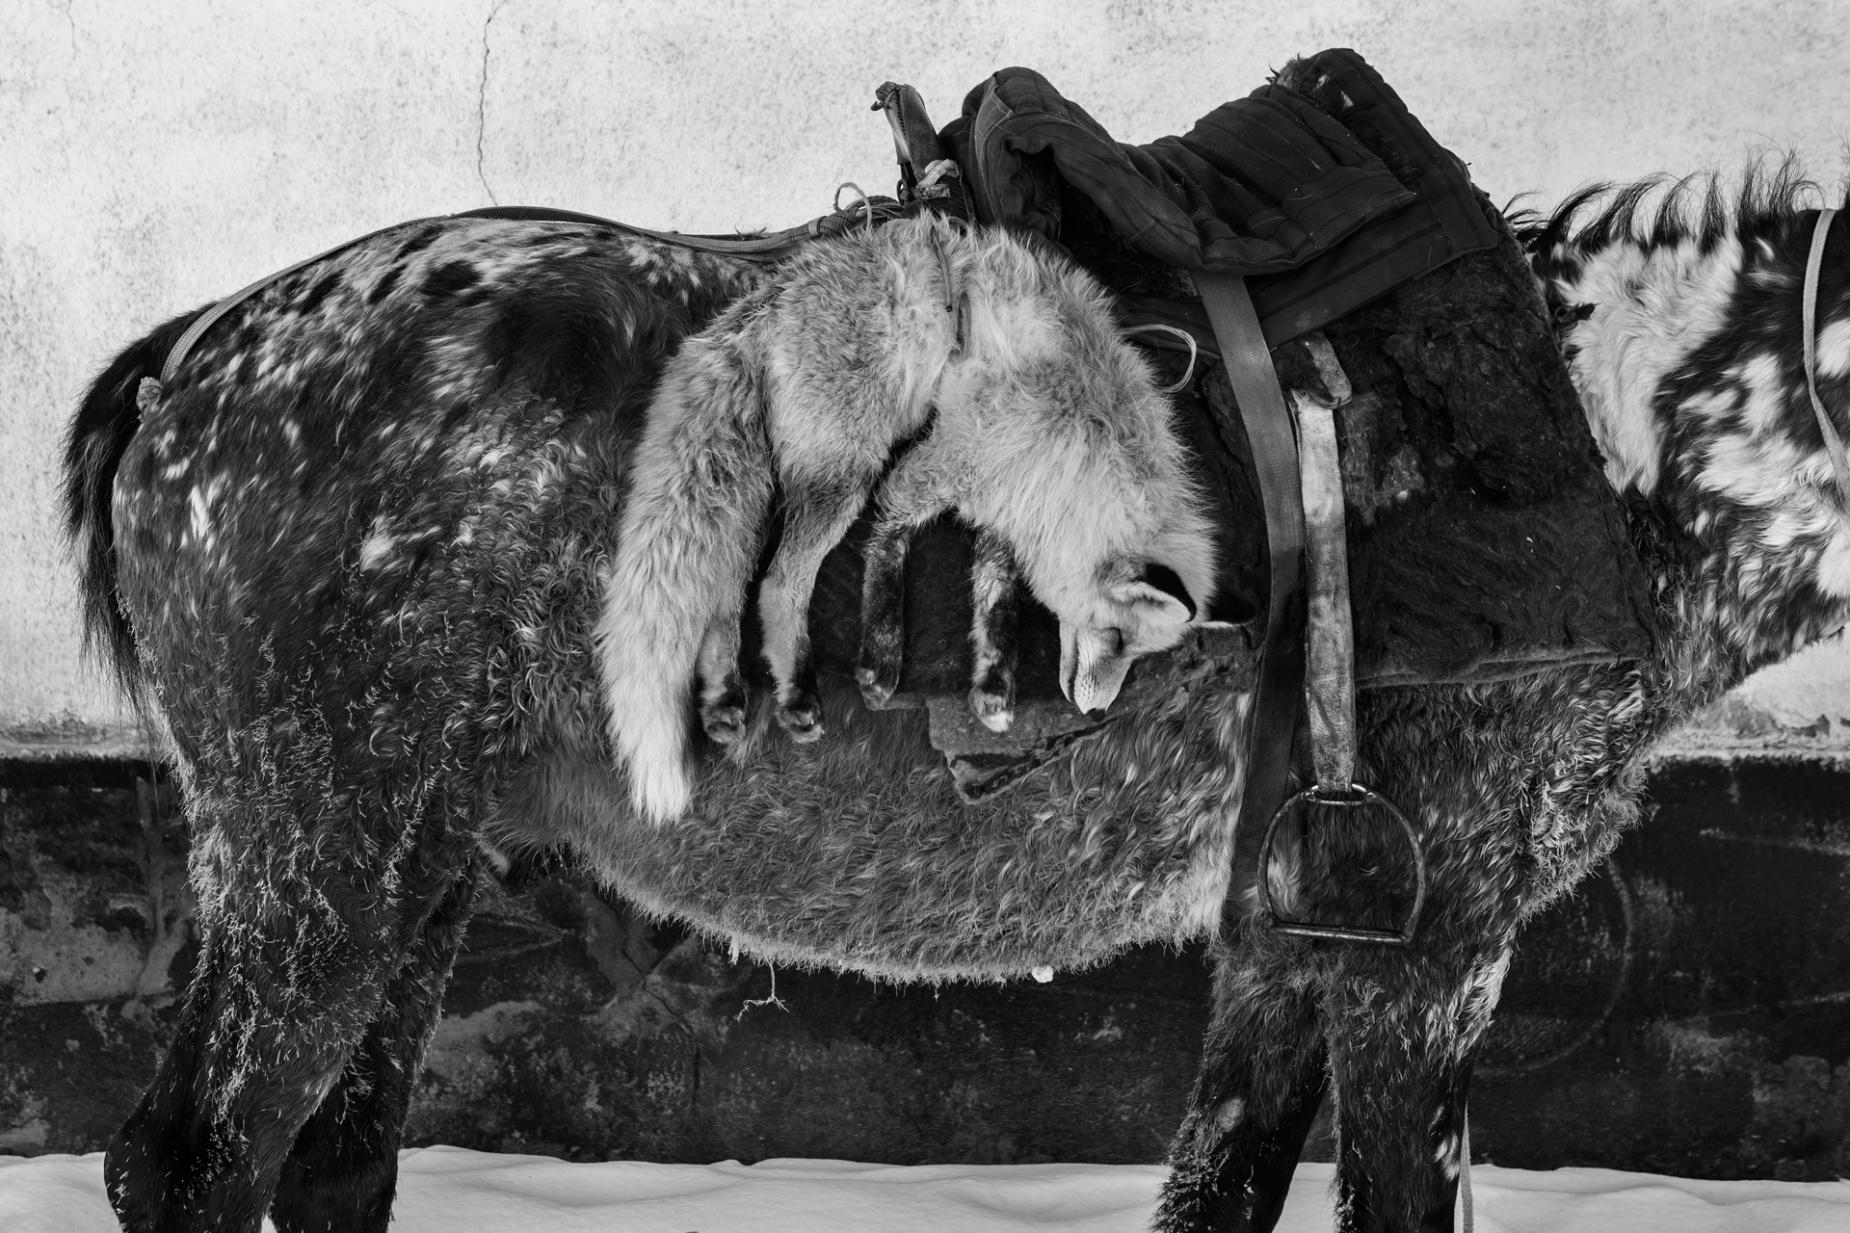 Horse Head #8 - Photo imprimé sur Fine Art Pearl Baryta (Satin) 285gsm Papier - 40 x 60 cm ou 60 x 90 cm ou 90 x 135 cm